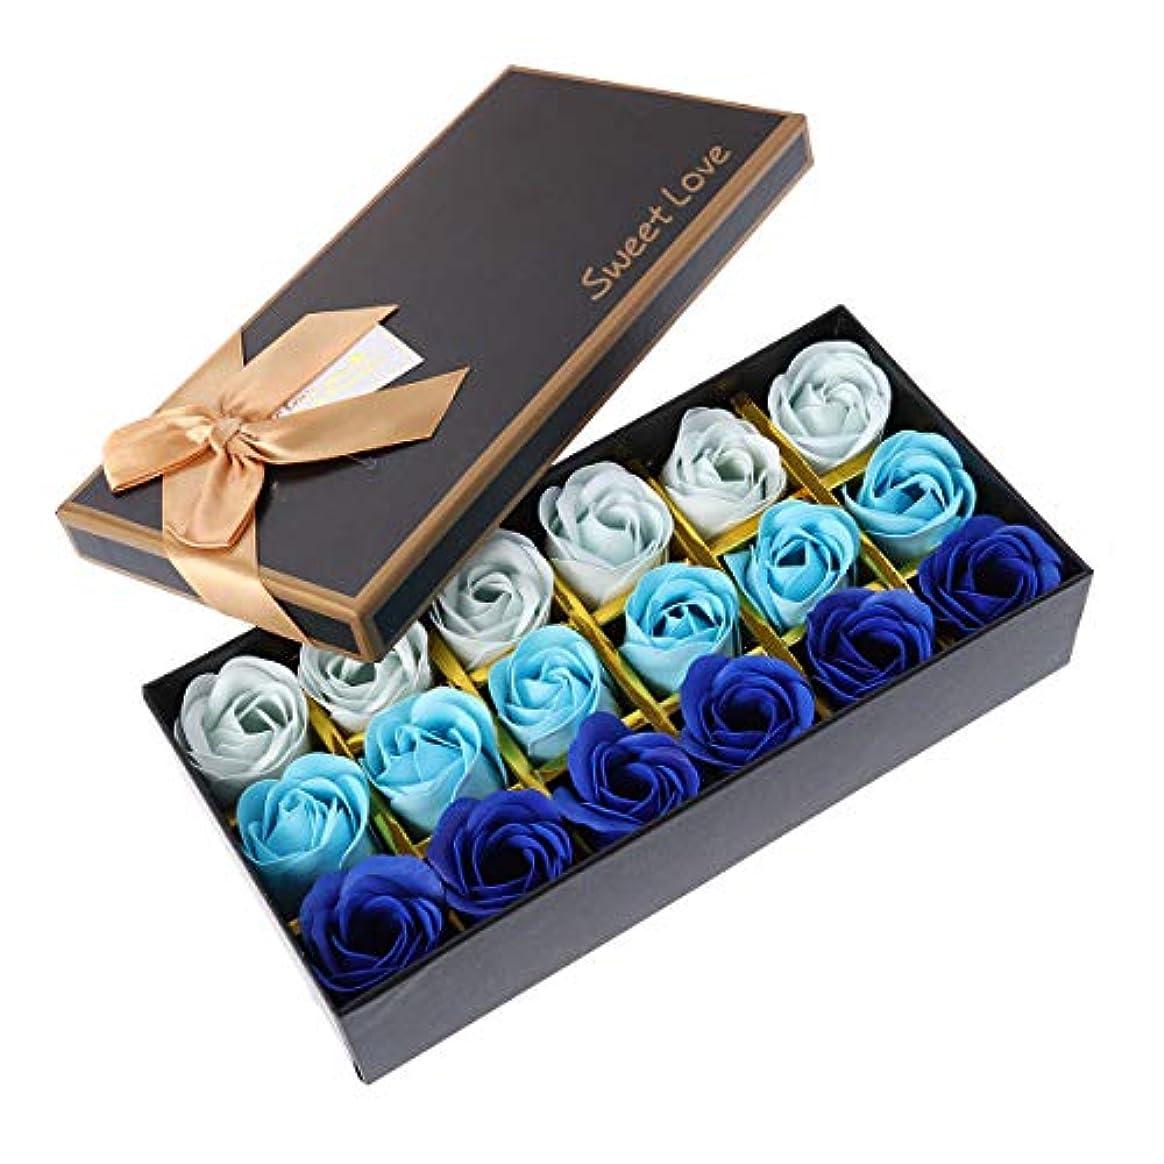 抜け目がないジョリーアプローチBeaupretty バレンタインデーの結婚式の誕生日プレゼントのための小さなクマとバラの石鹸の花